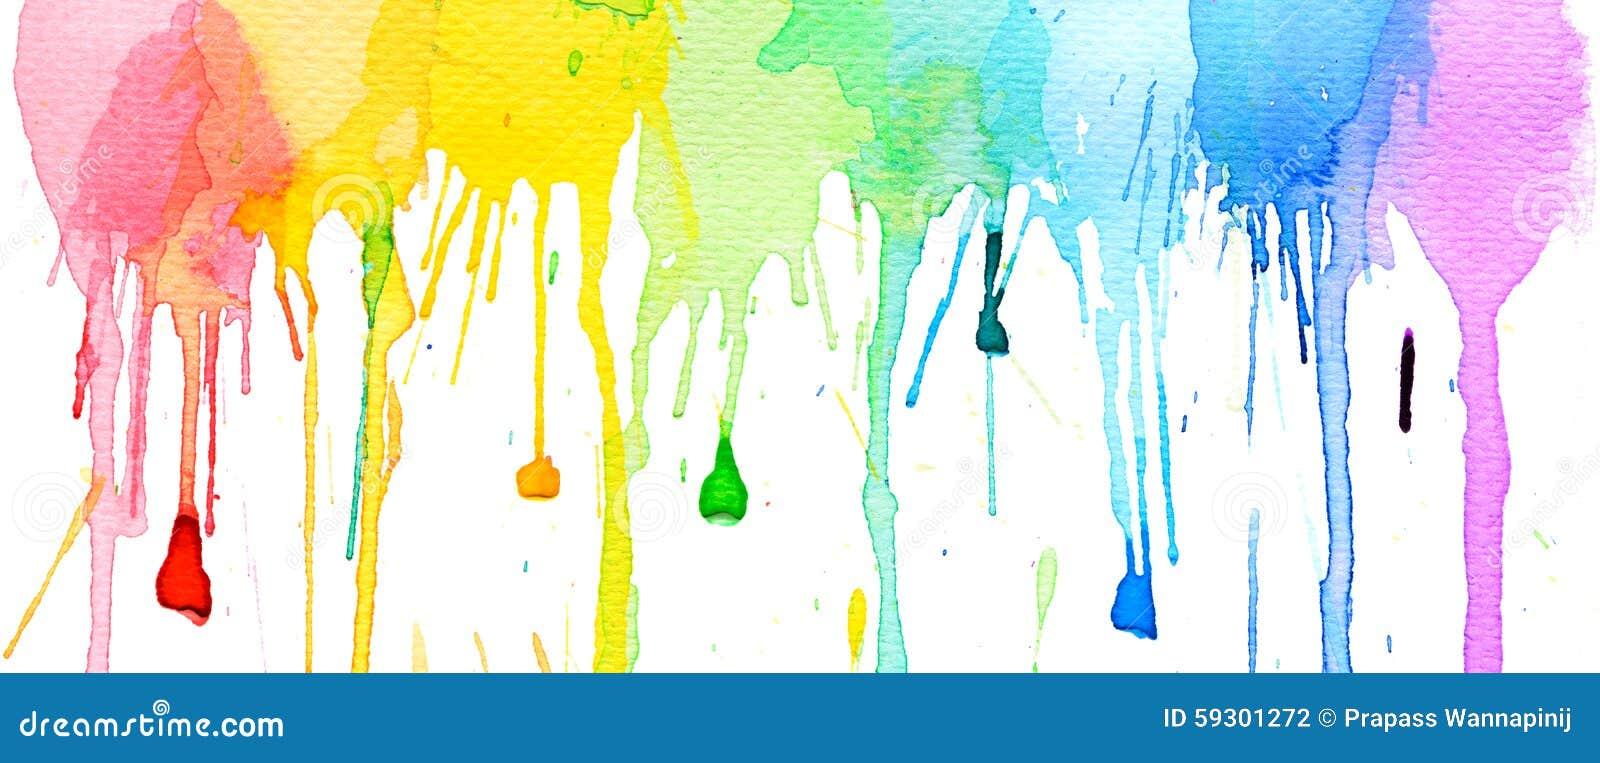 Water color splash background